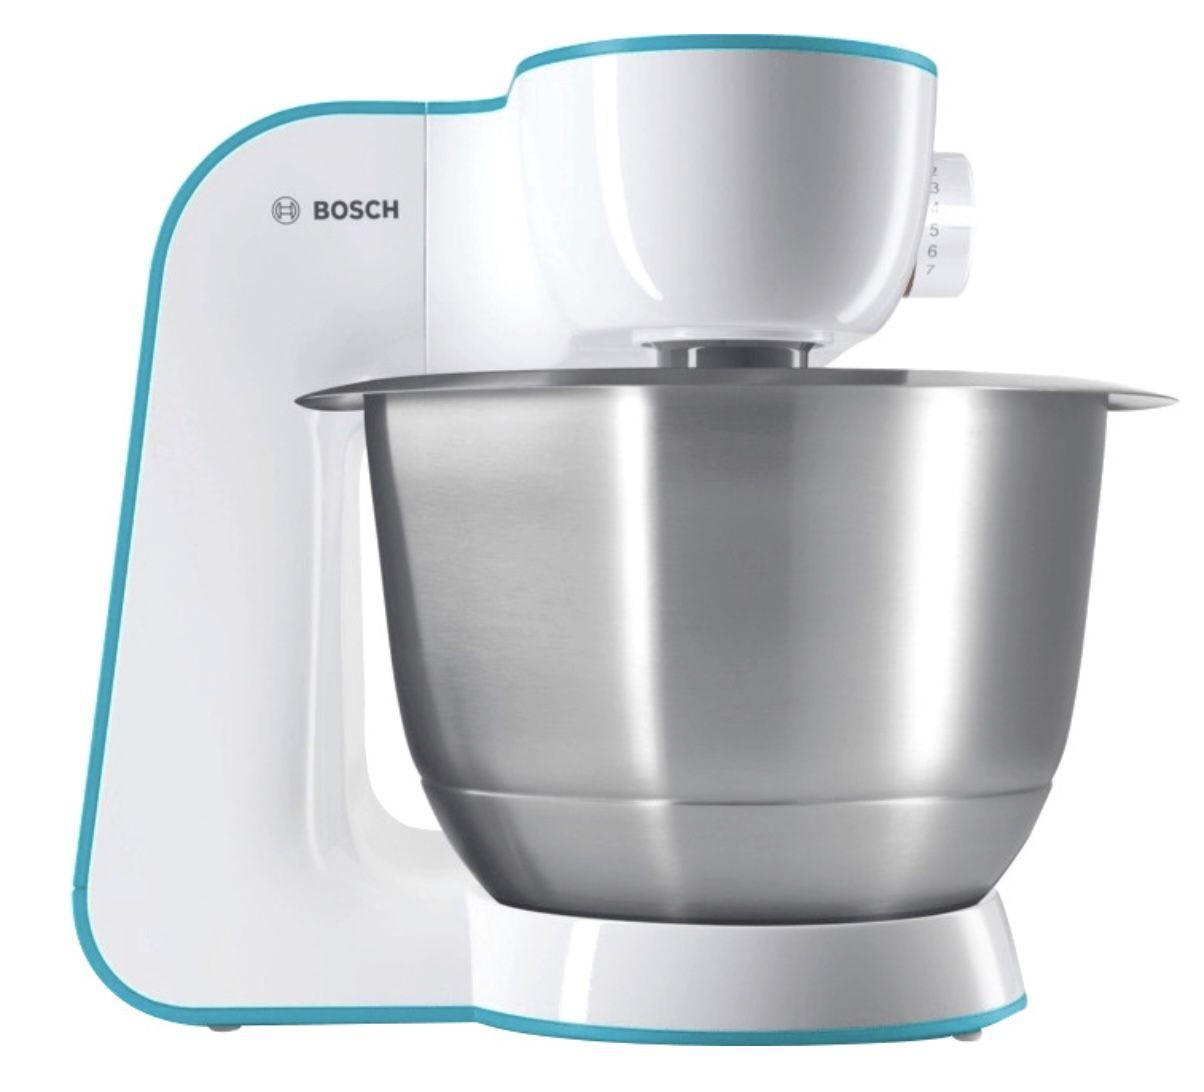 Bosch MUM54D00 Universal Küchenmaschine StartLine in Weiß/Blau für 114,89€ (statt 128€)